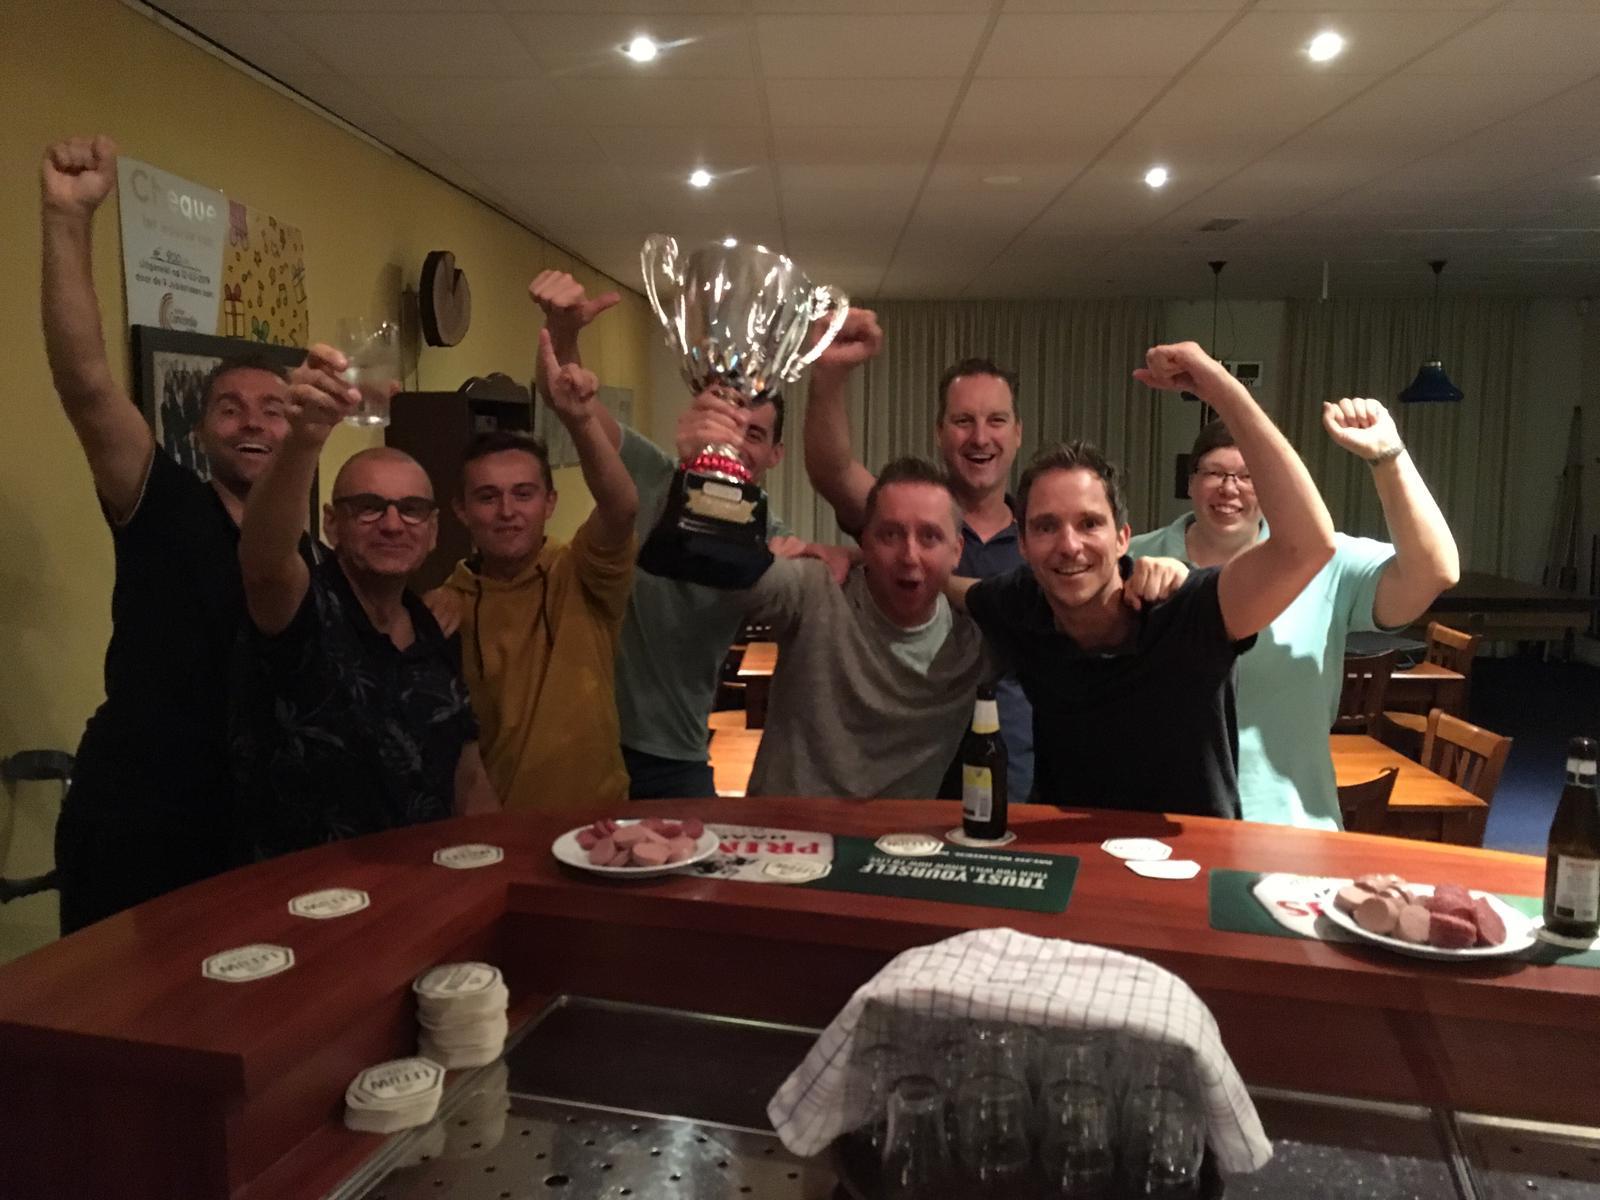 Winnaar Kwistutwaal 2019 Leveroy al vroegtijdig bekend? - Nederweert24 - Nederweert24